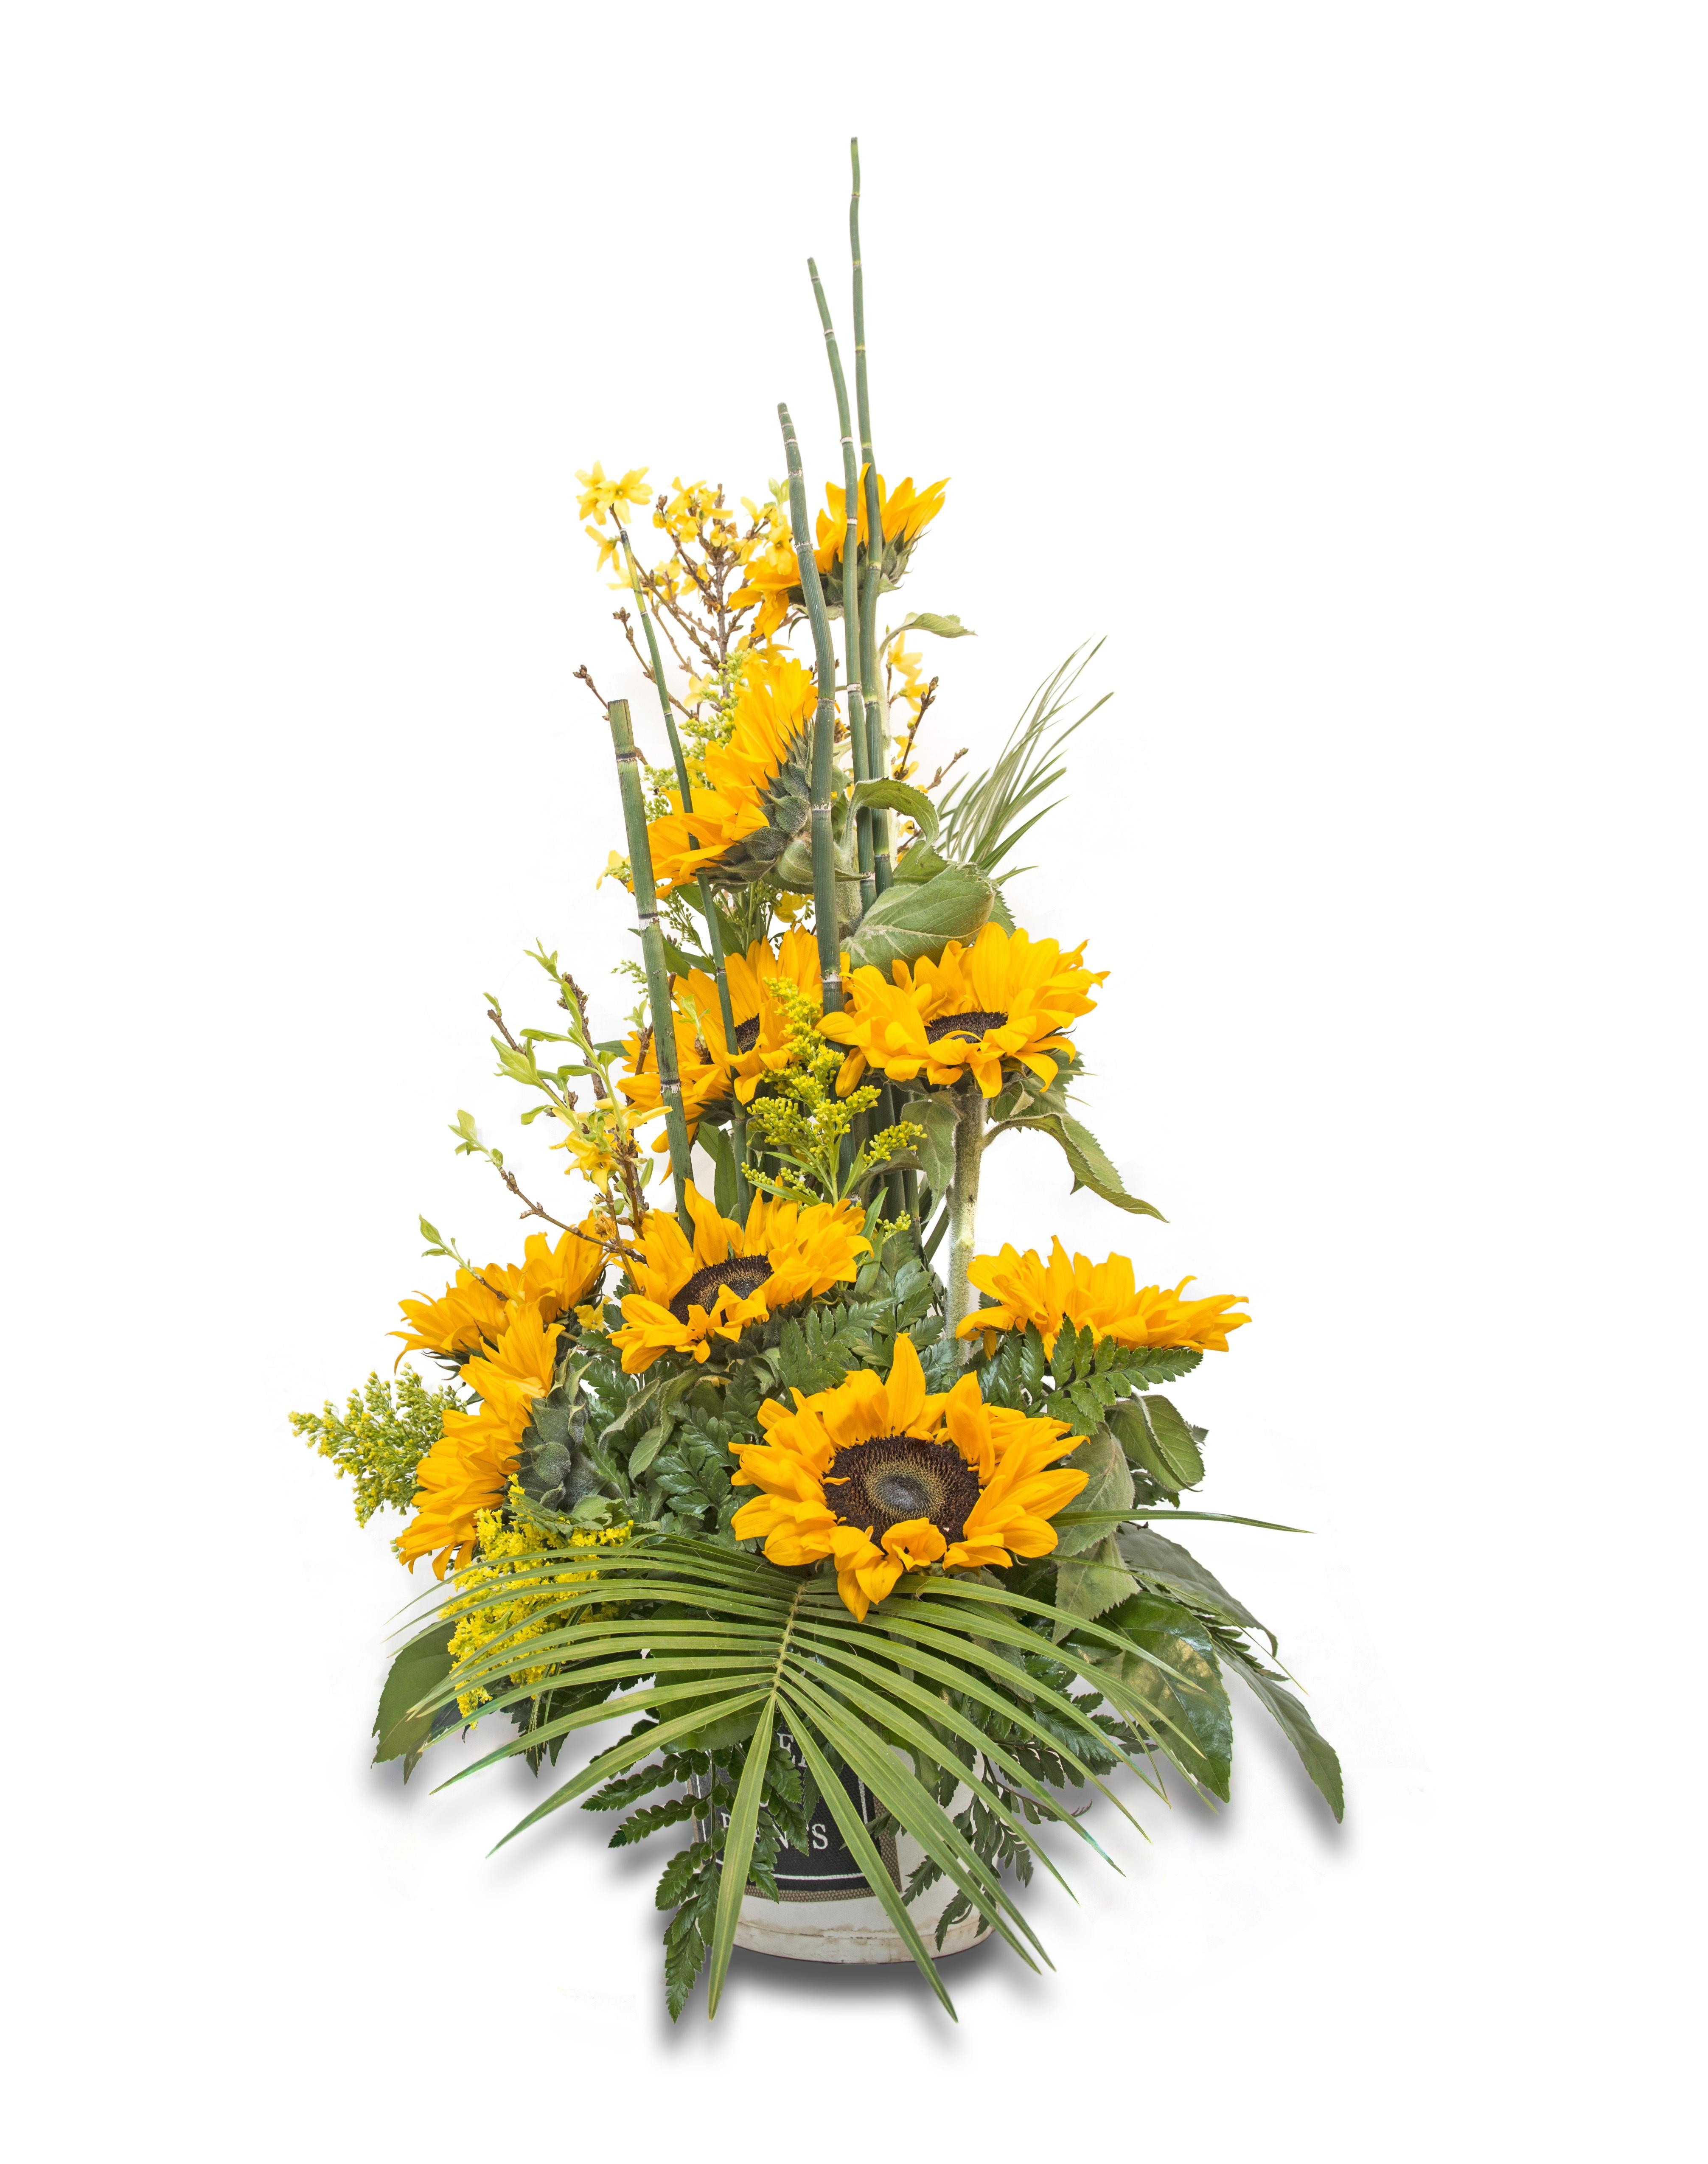 images gratuites : branche, fleur, jaune, tournesol, les plantes